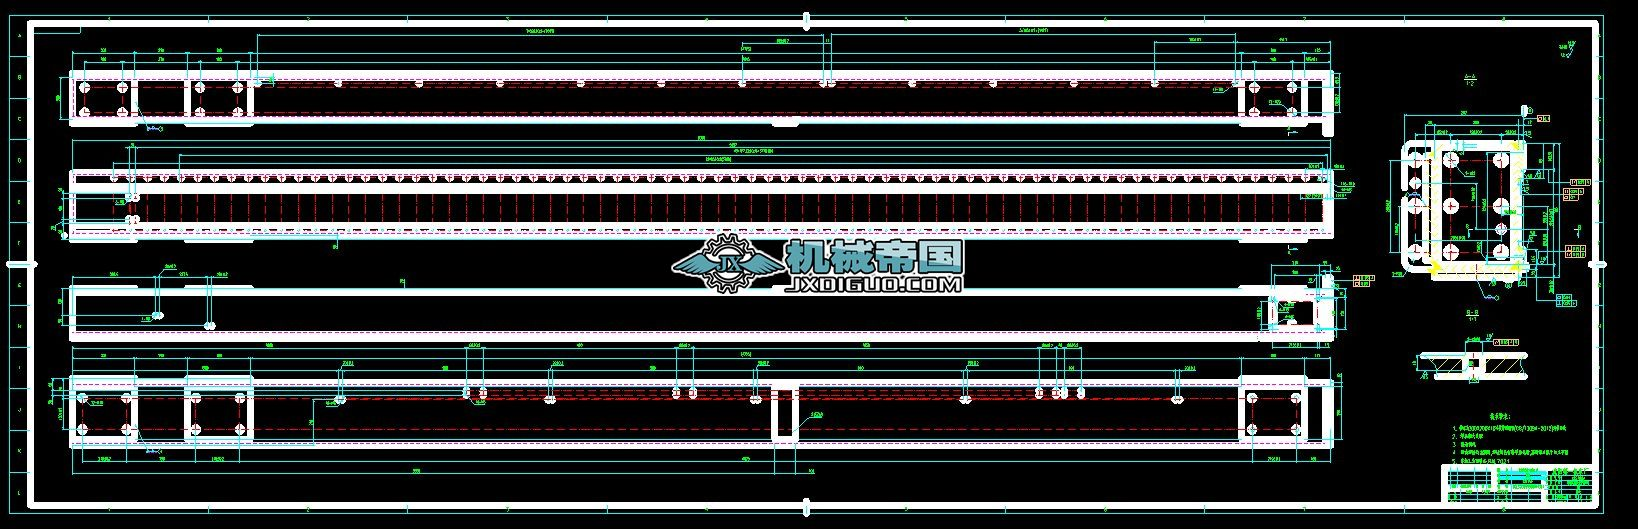 桁架式自动上下料系统图